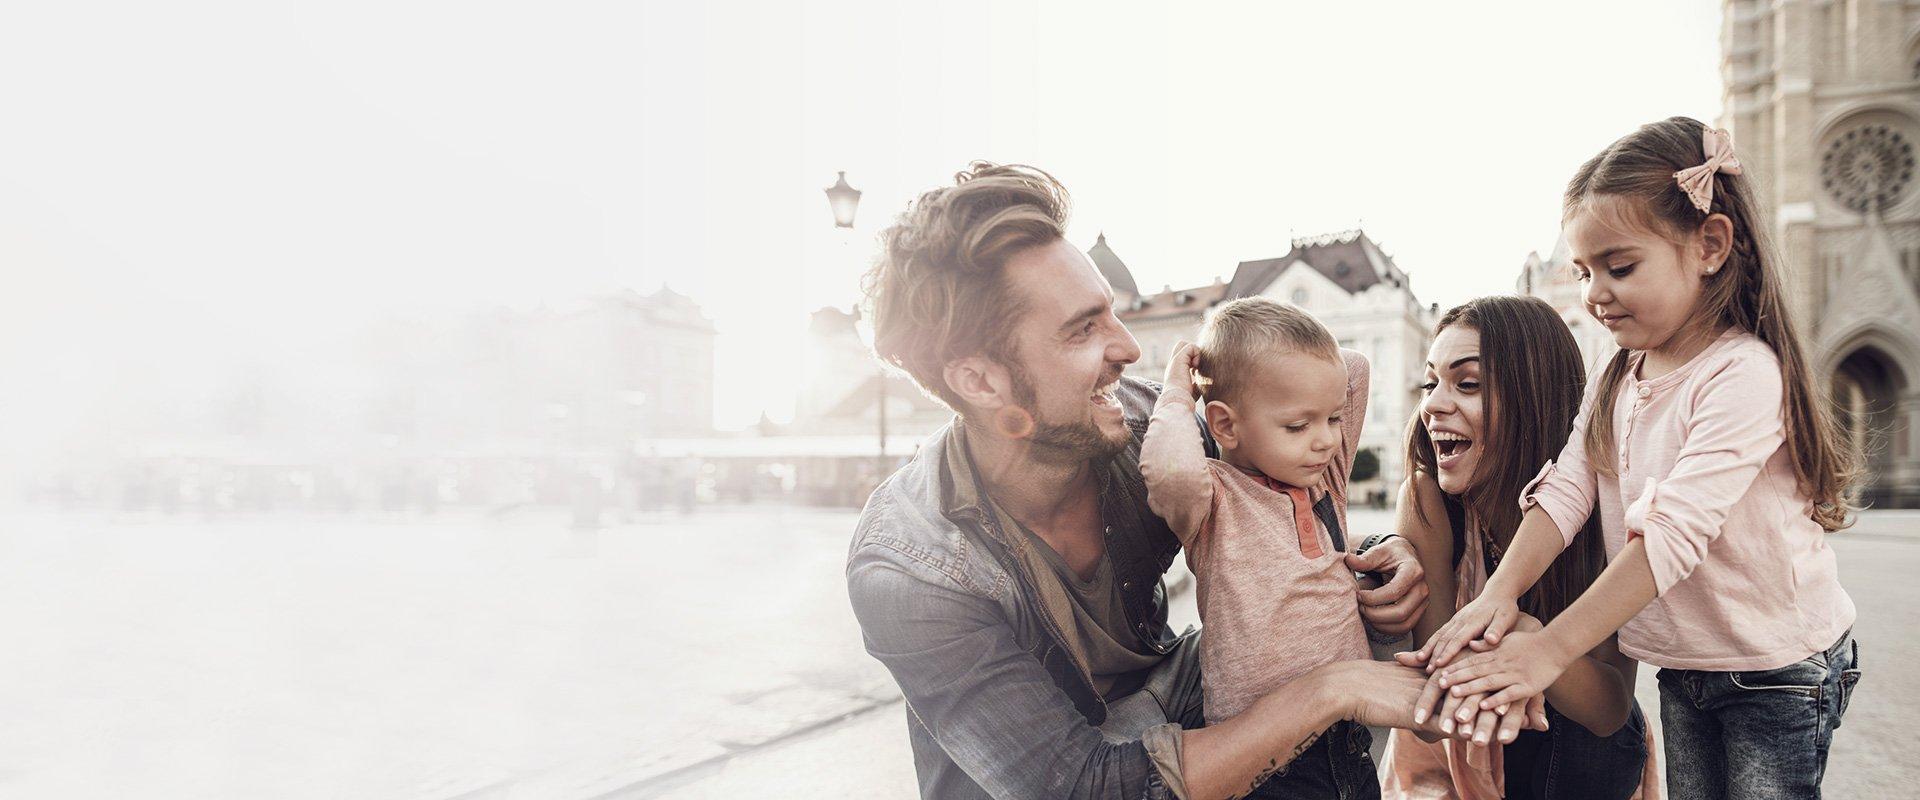 famille avec 2 enfants en vacances en train de rire